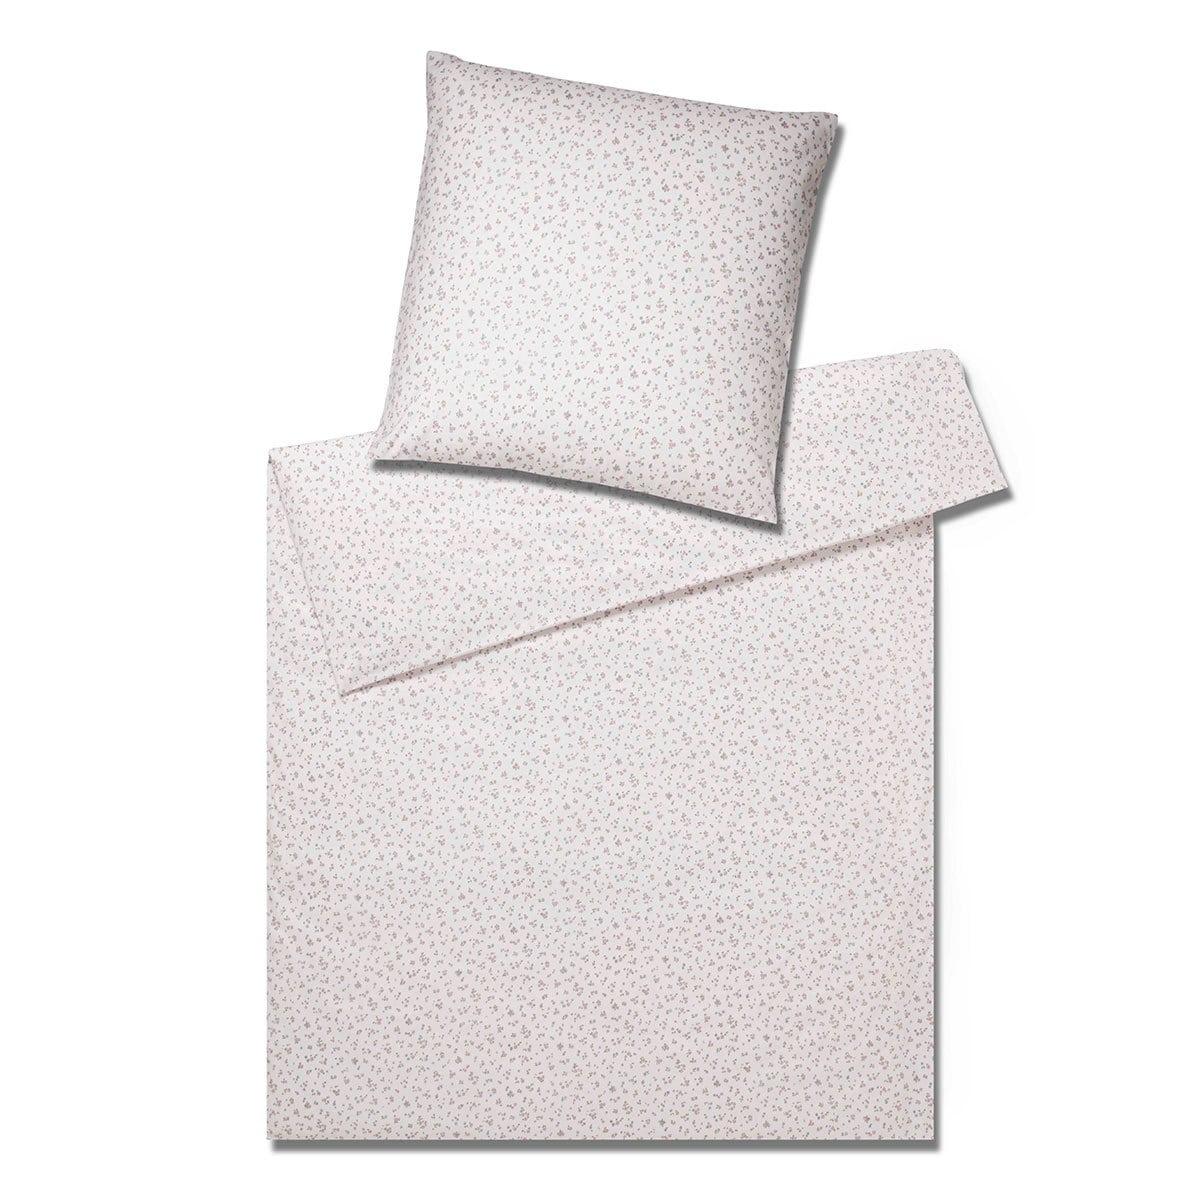 Elegante Soft Flanell Bettwäsche Rosy Rose Günstig Online Kaufen Bei